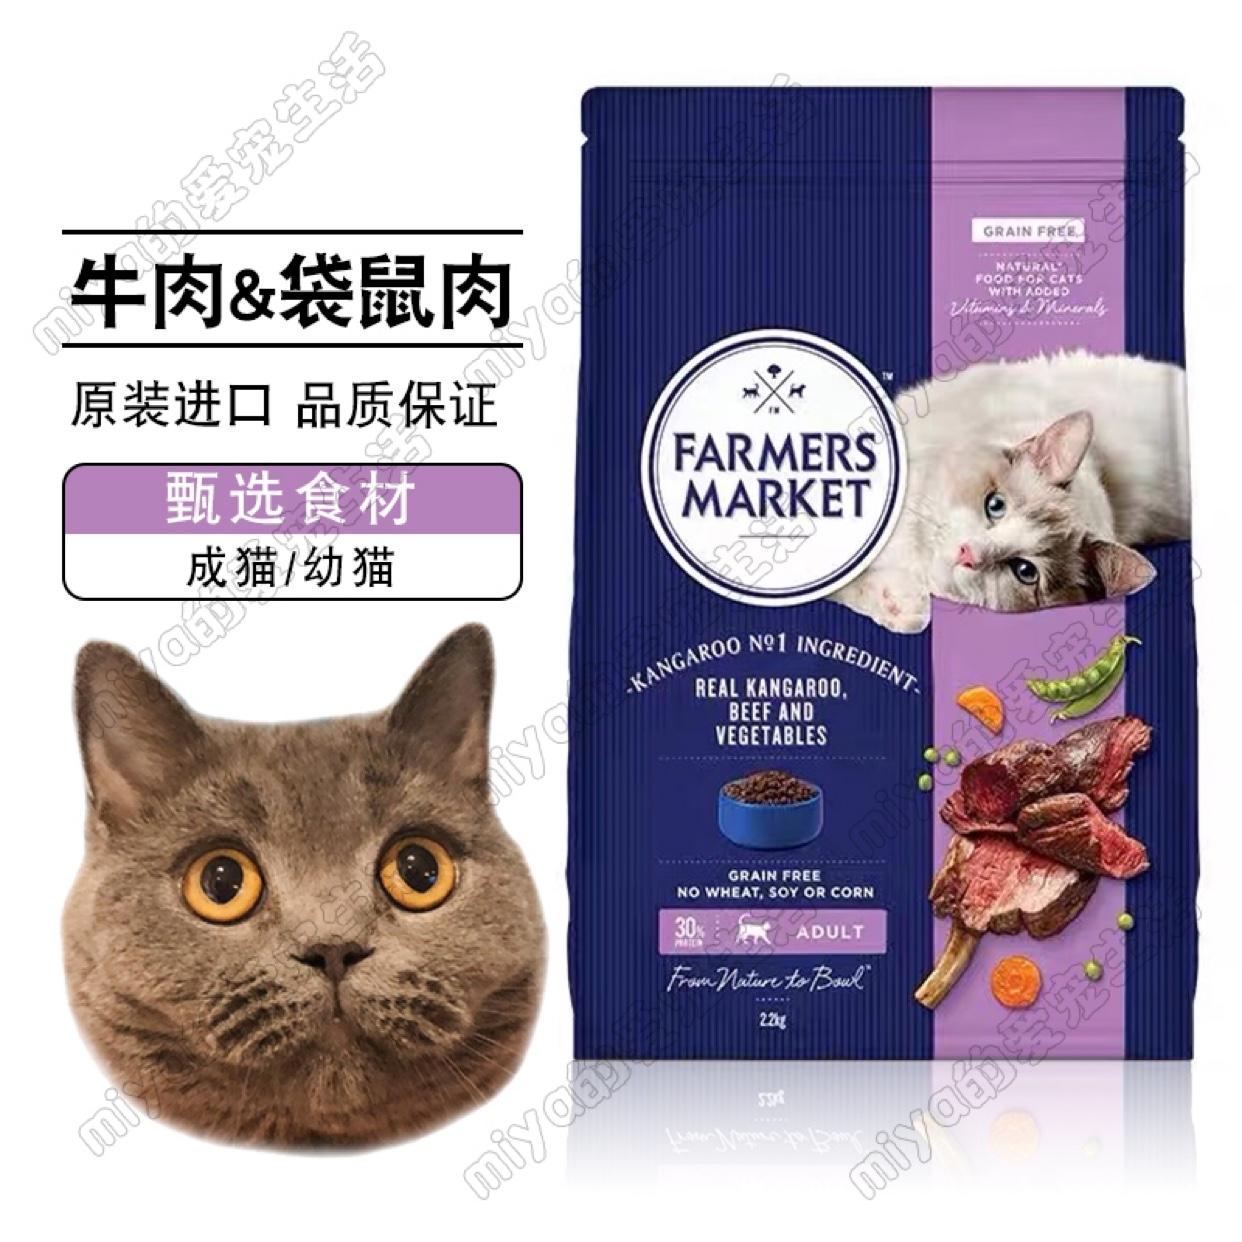 FM蓝宝食猫粮澳洲进口天然牛肉袋鼠成猫幼猫通用猫粮2.2kg优惠券